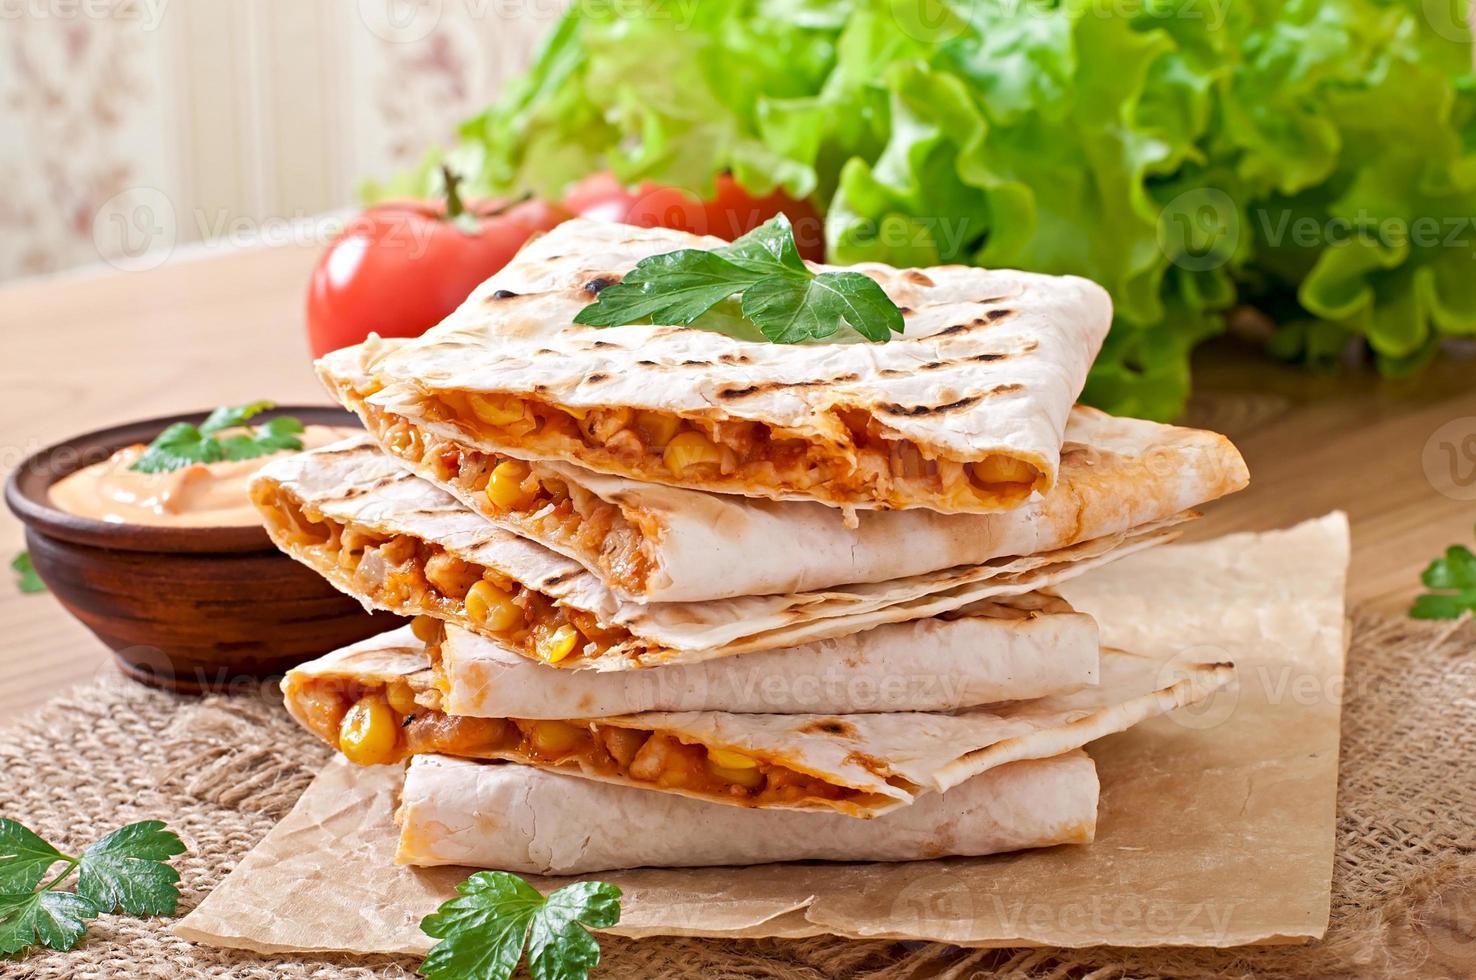 Mexicaanse quesadilla gesneden met groenten en sauzen foto